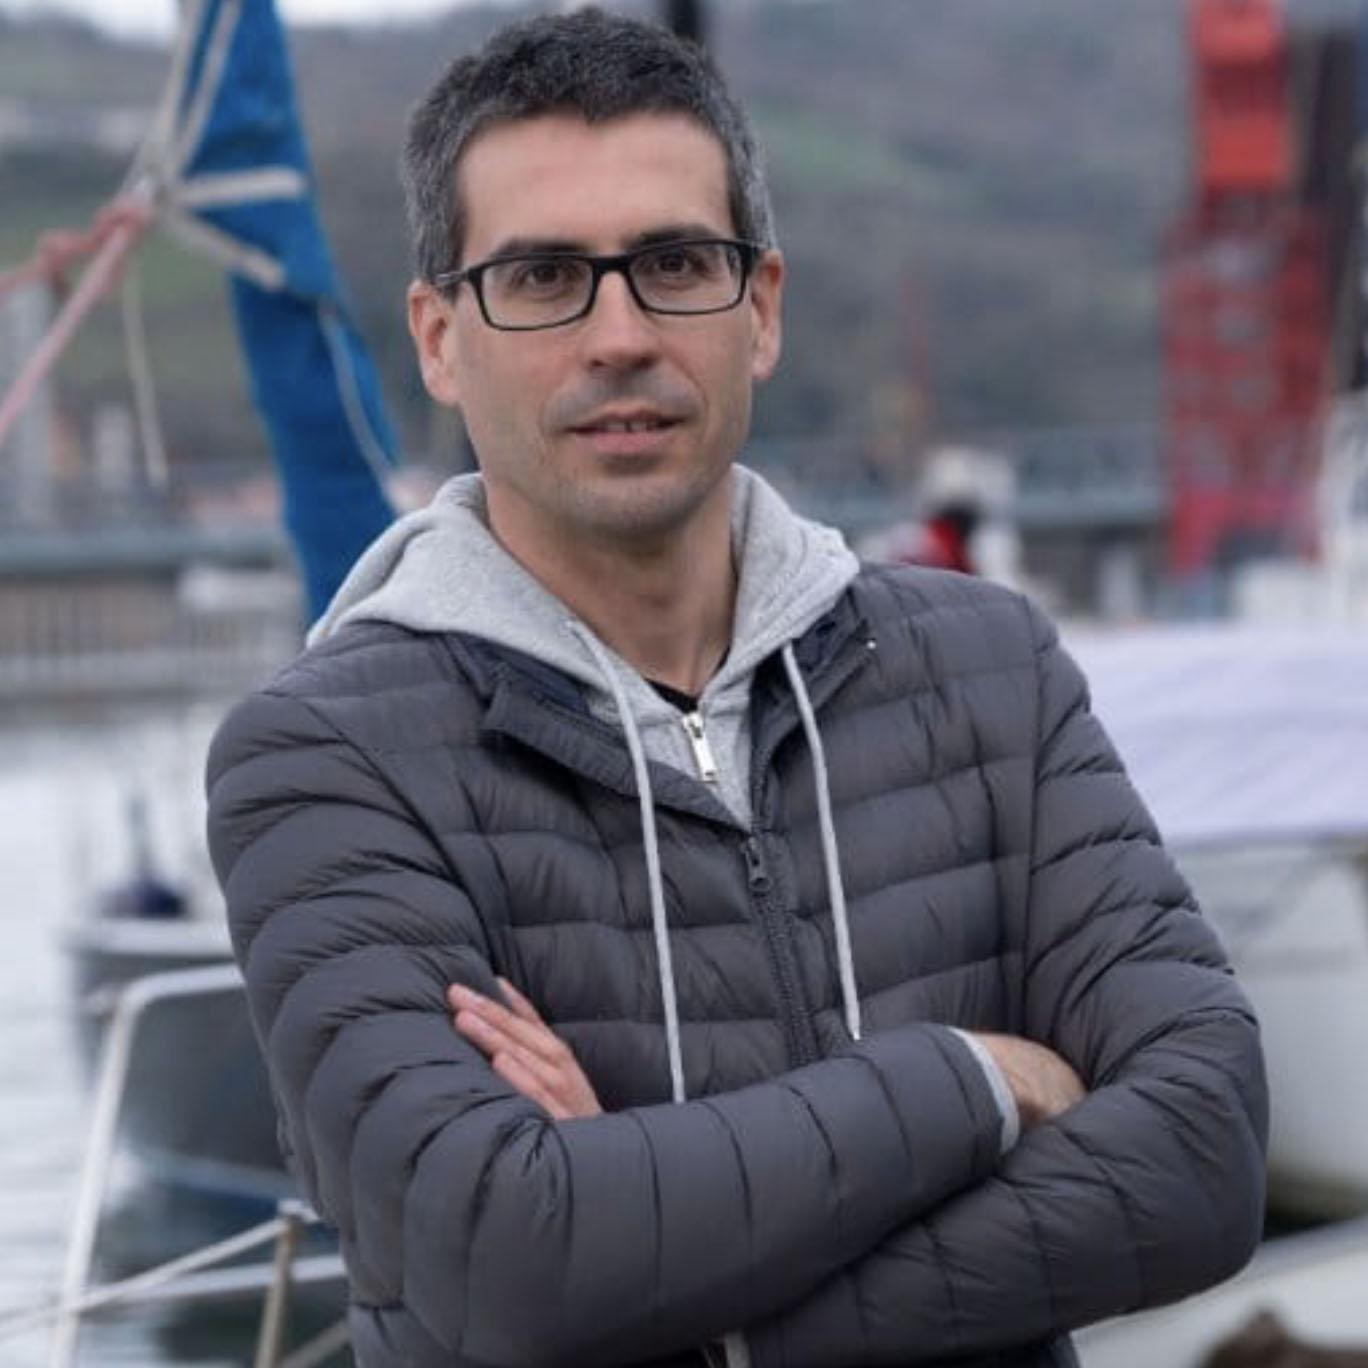 El periodista Ander Izagirre gana el II Premio Nacional de Periodismo Deportivo 'Manuel Alcántara'